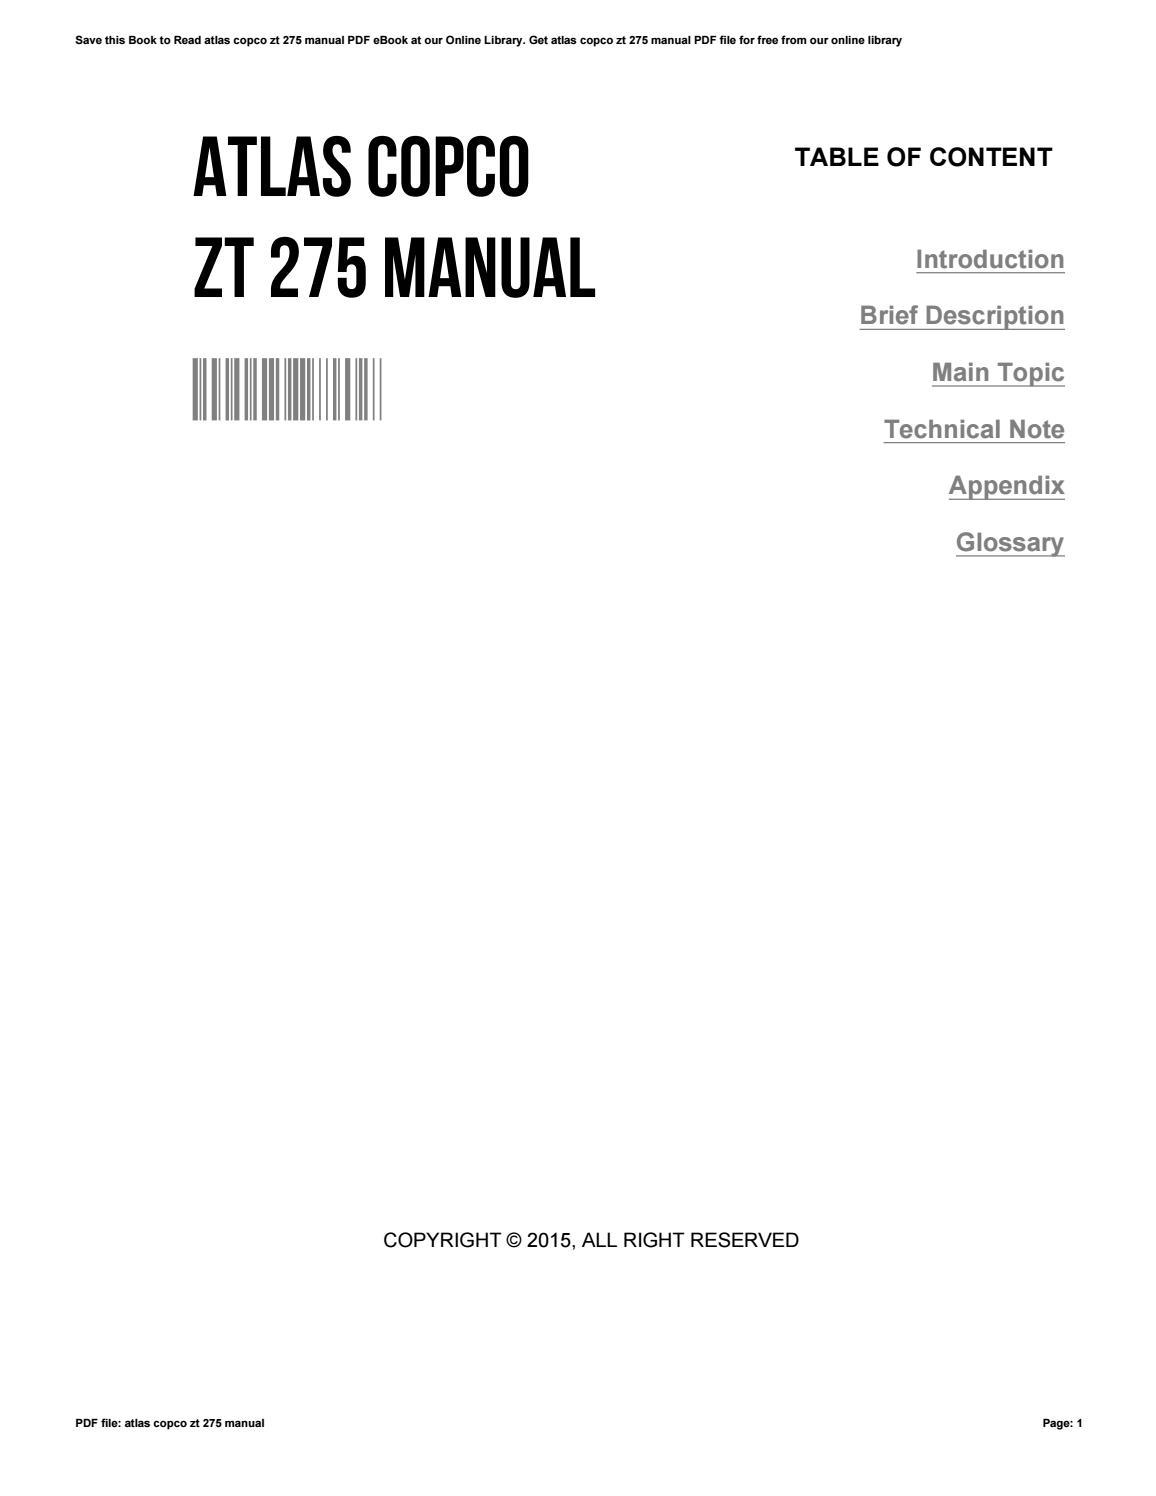 atlas copco zt 275 manual